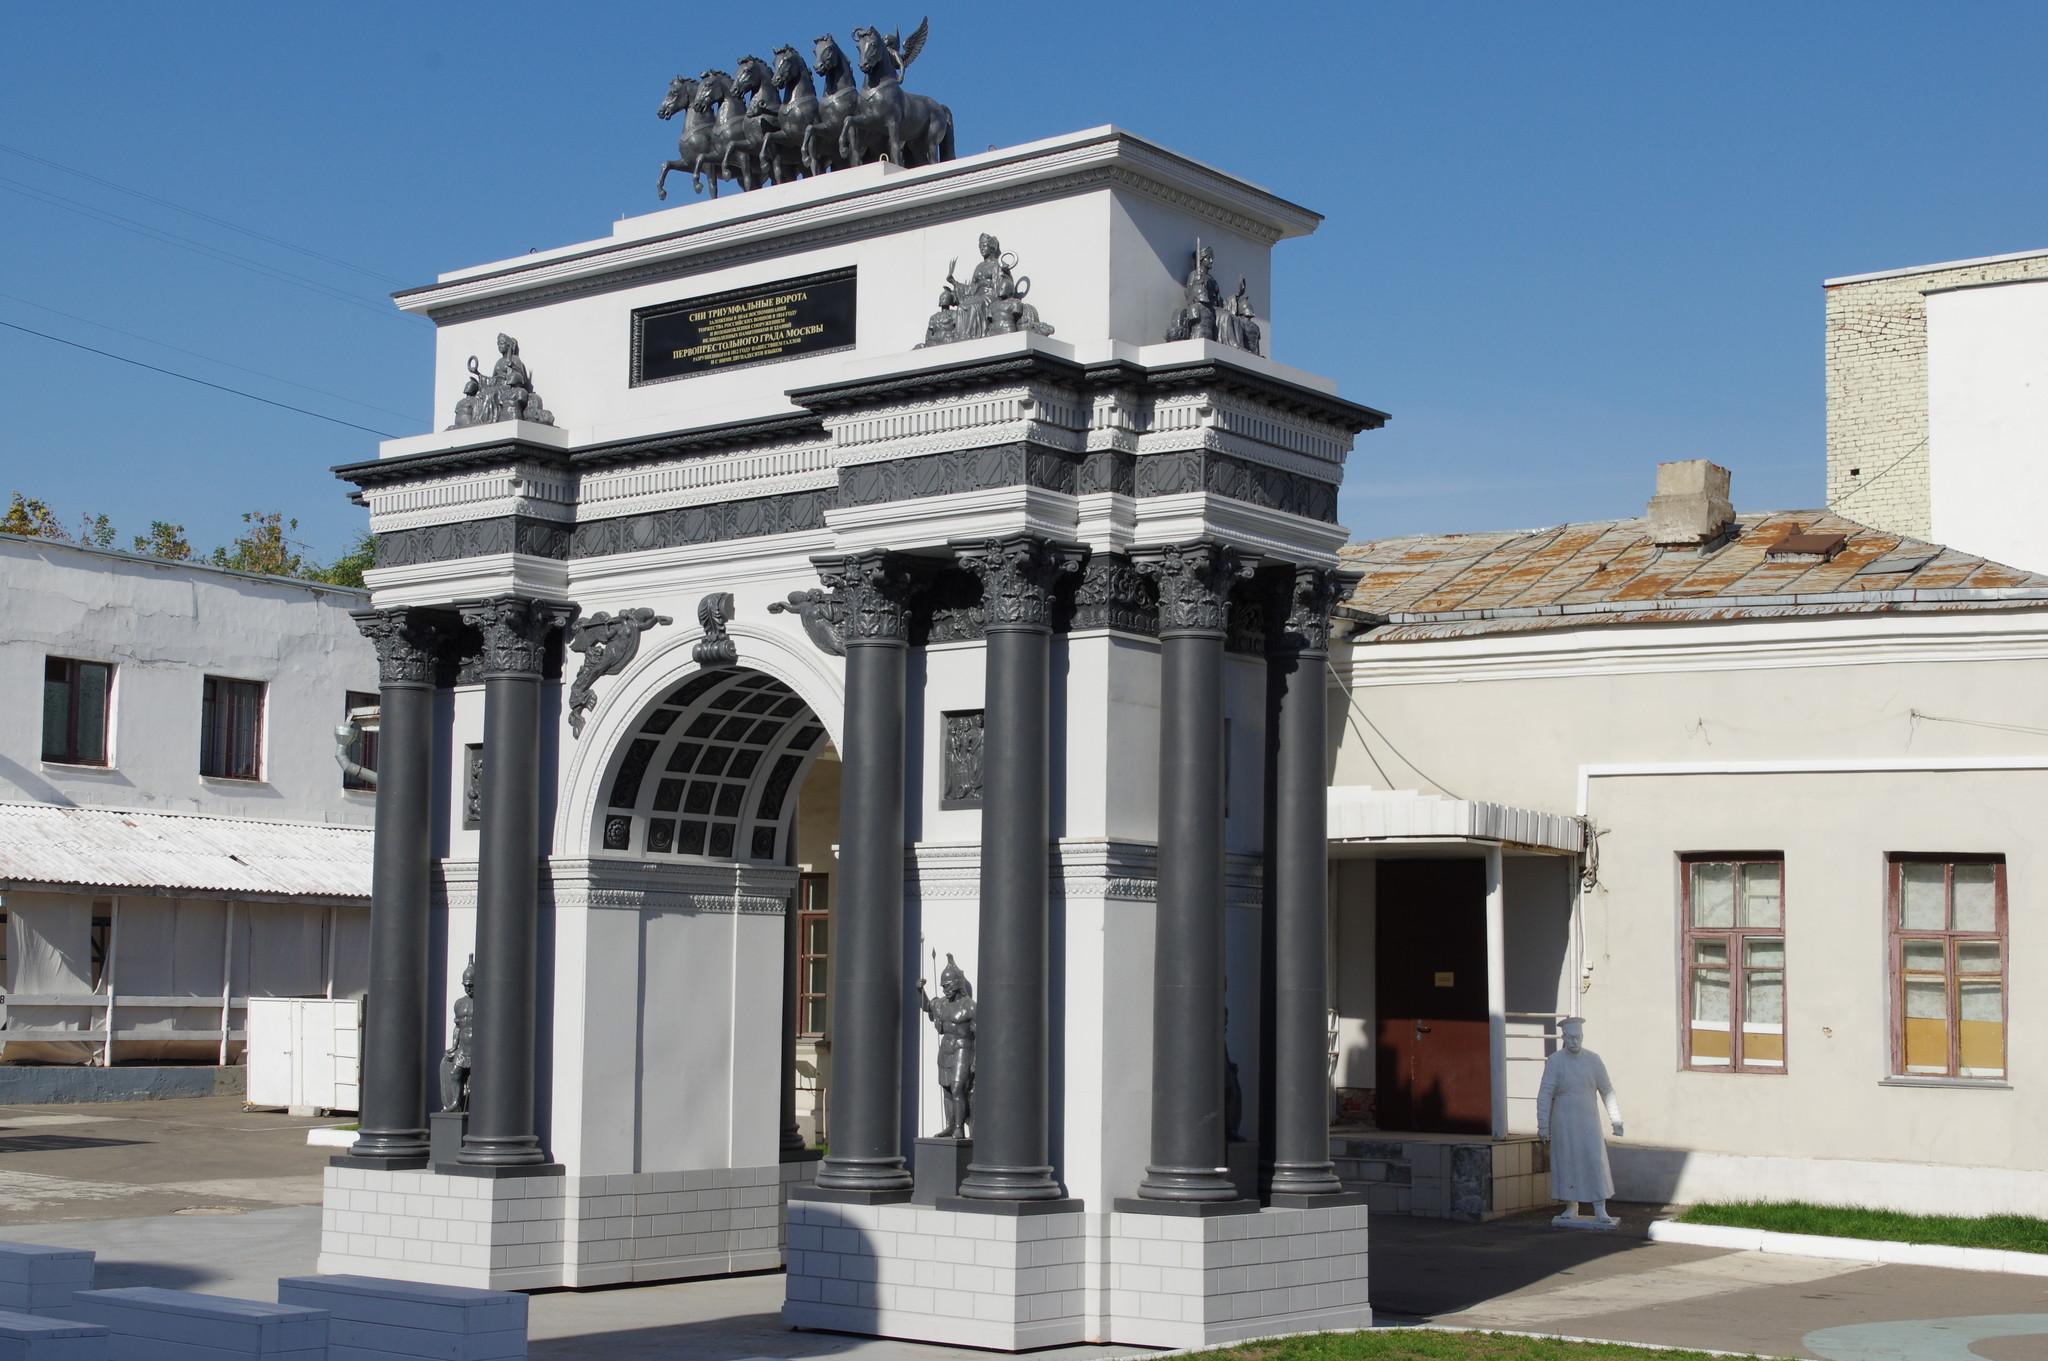 Триумфальная арка во дворе комплекса «Провиантские магазины». Музейное объединение «Музей Москвы» (Зубовский бульвар, 2)